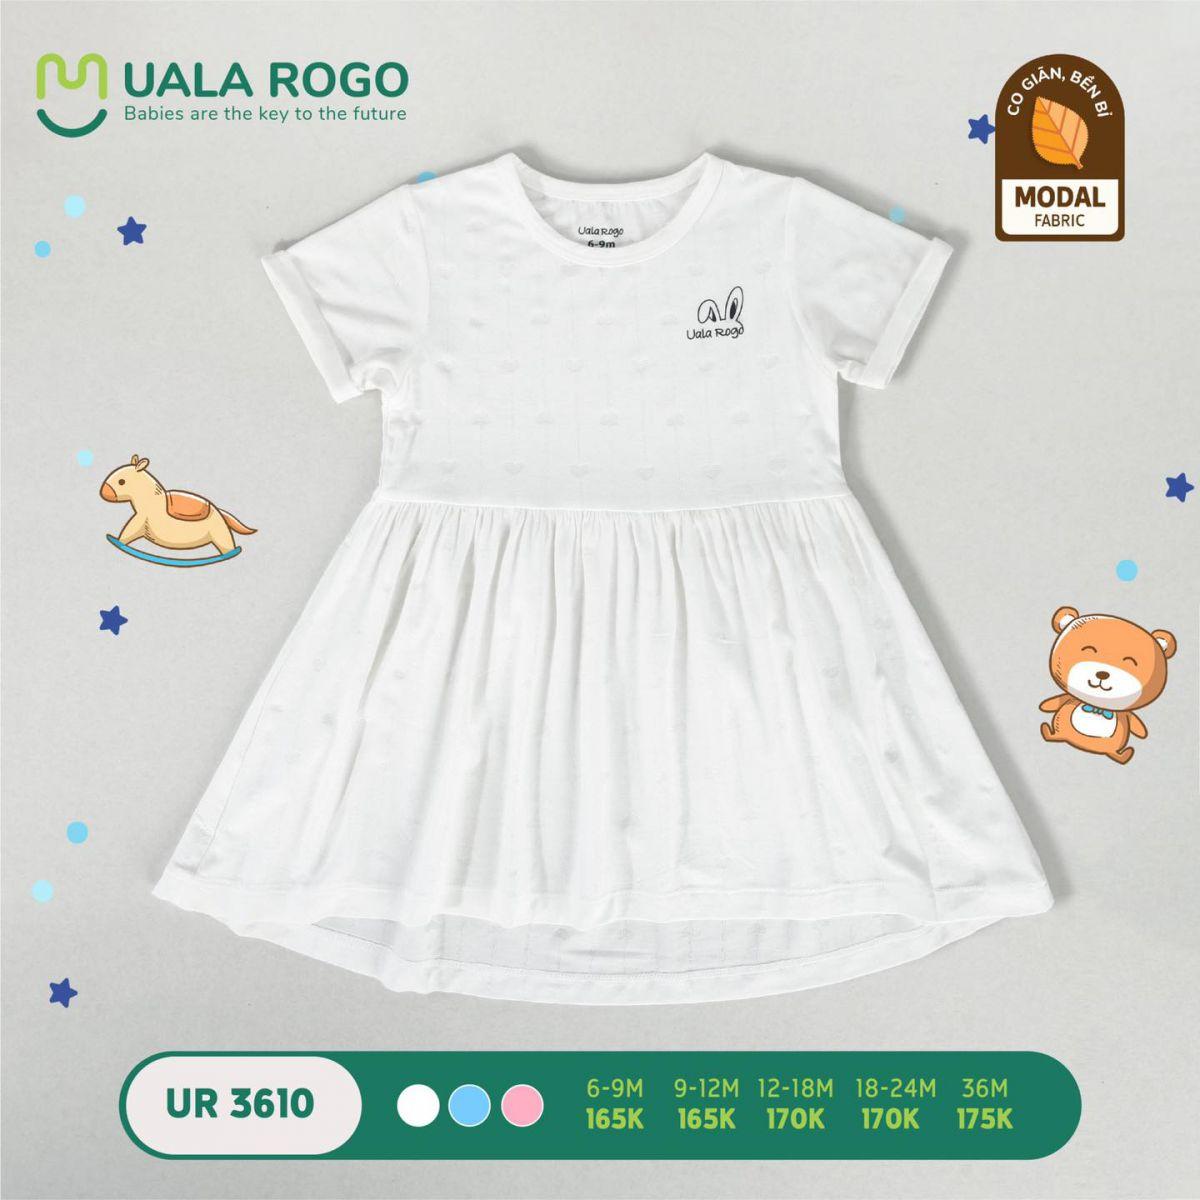 UR3610.3 - Váy đầm vải sợi sồi Uala Rogo màu trắng